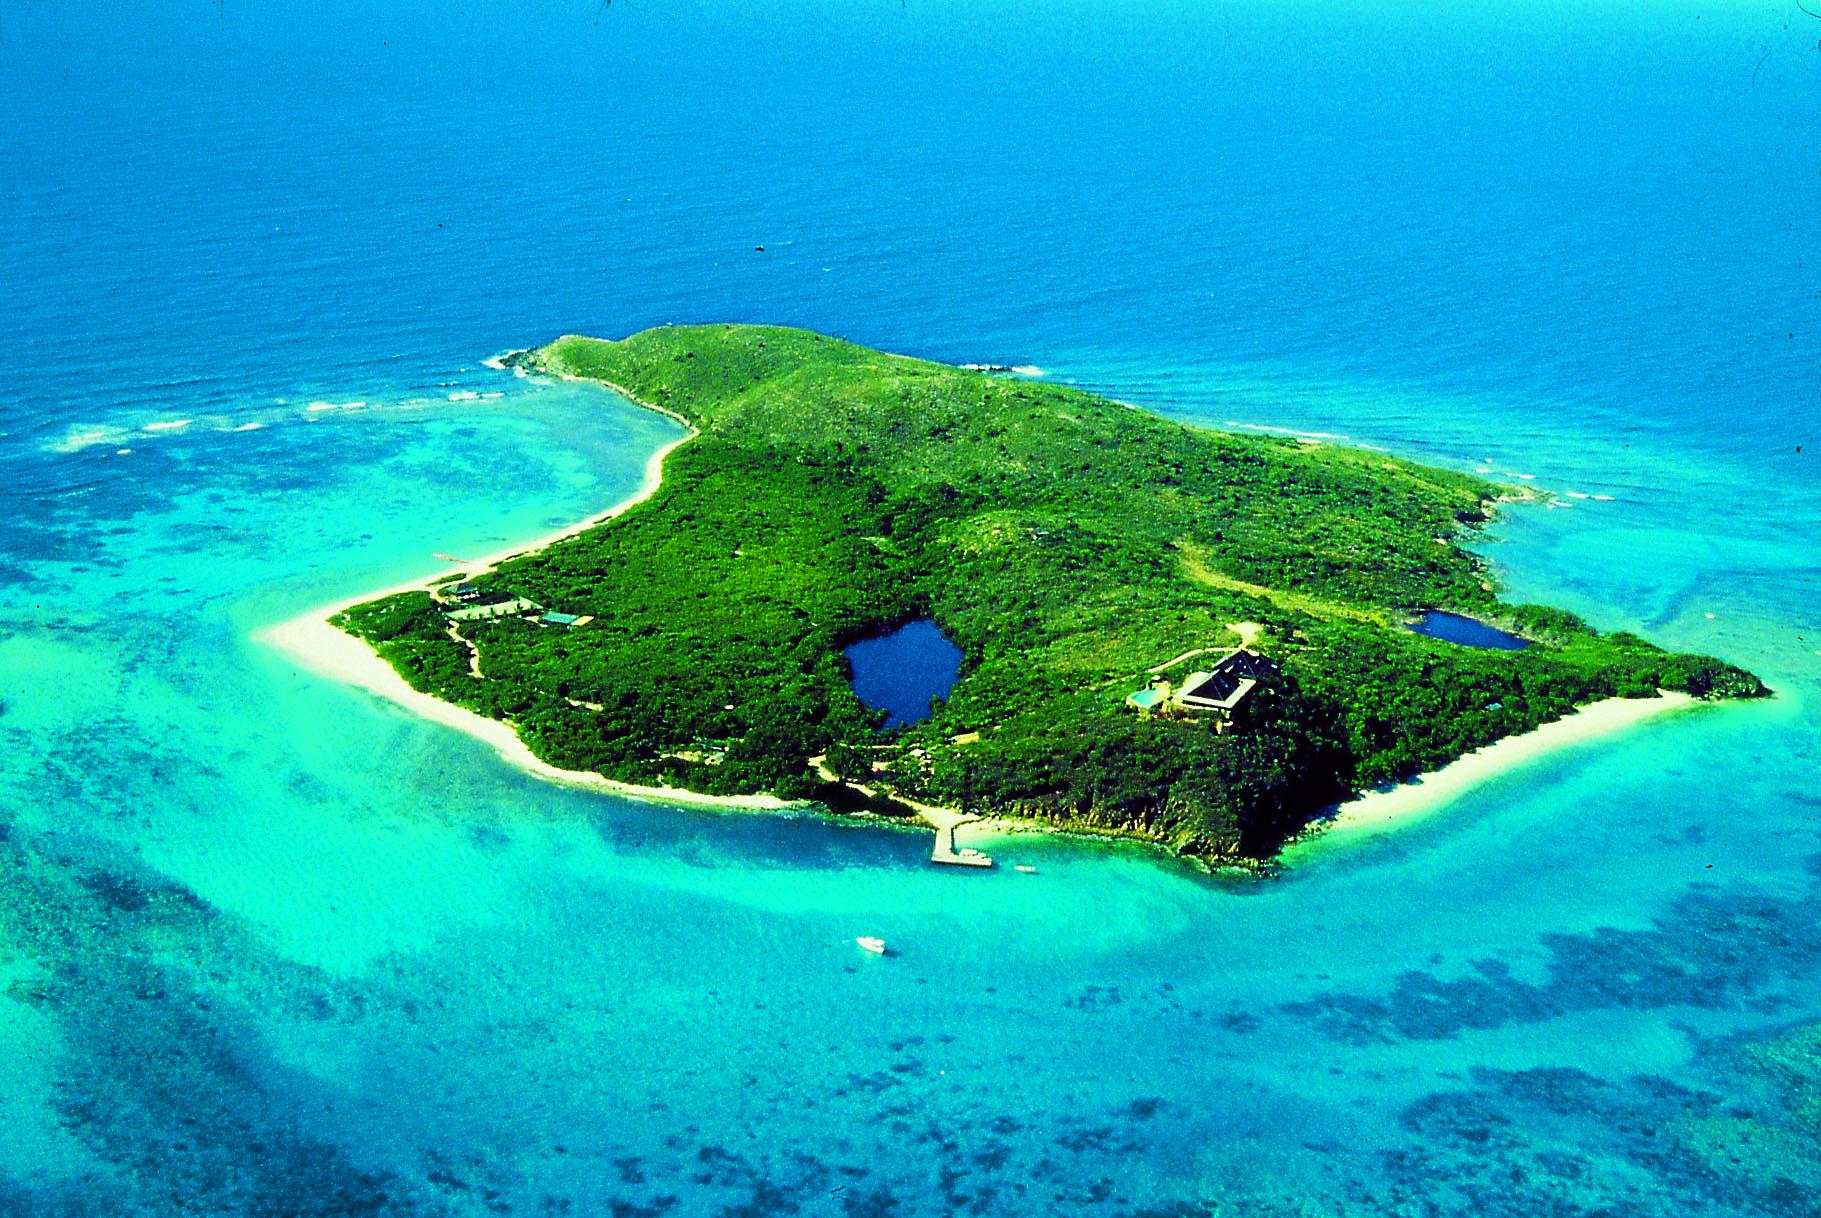 Necker Island Cntry State British Virgin Islands Region